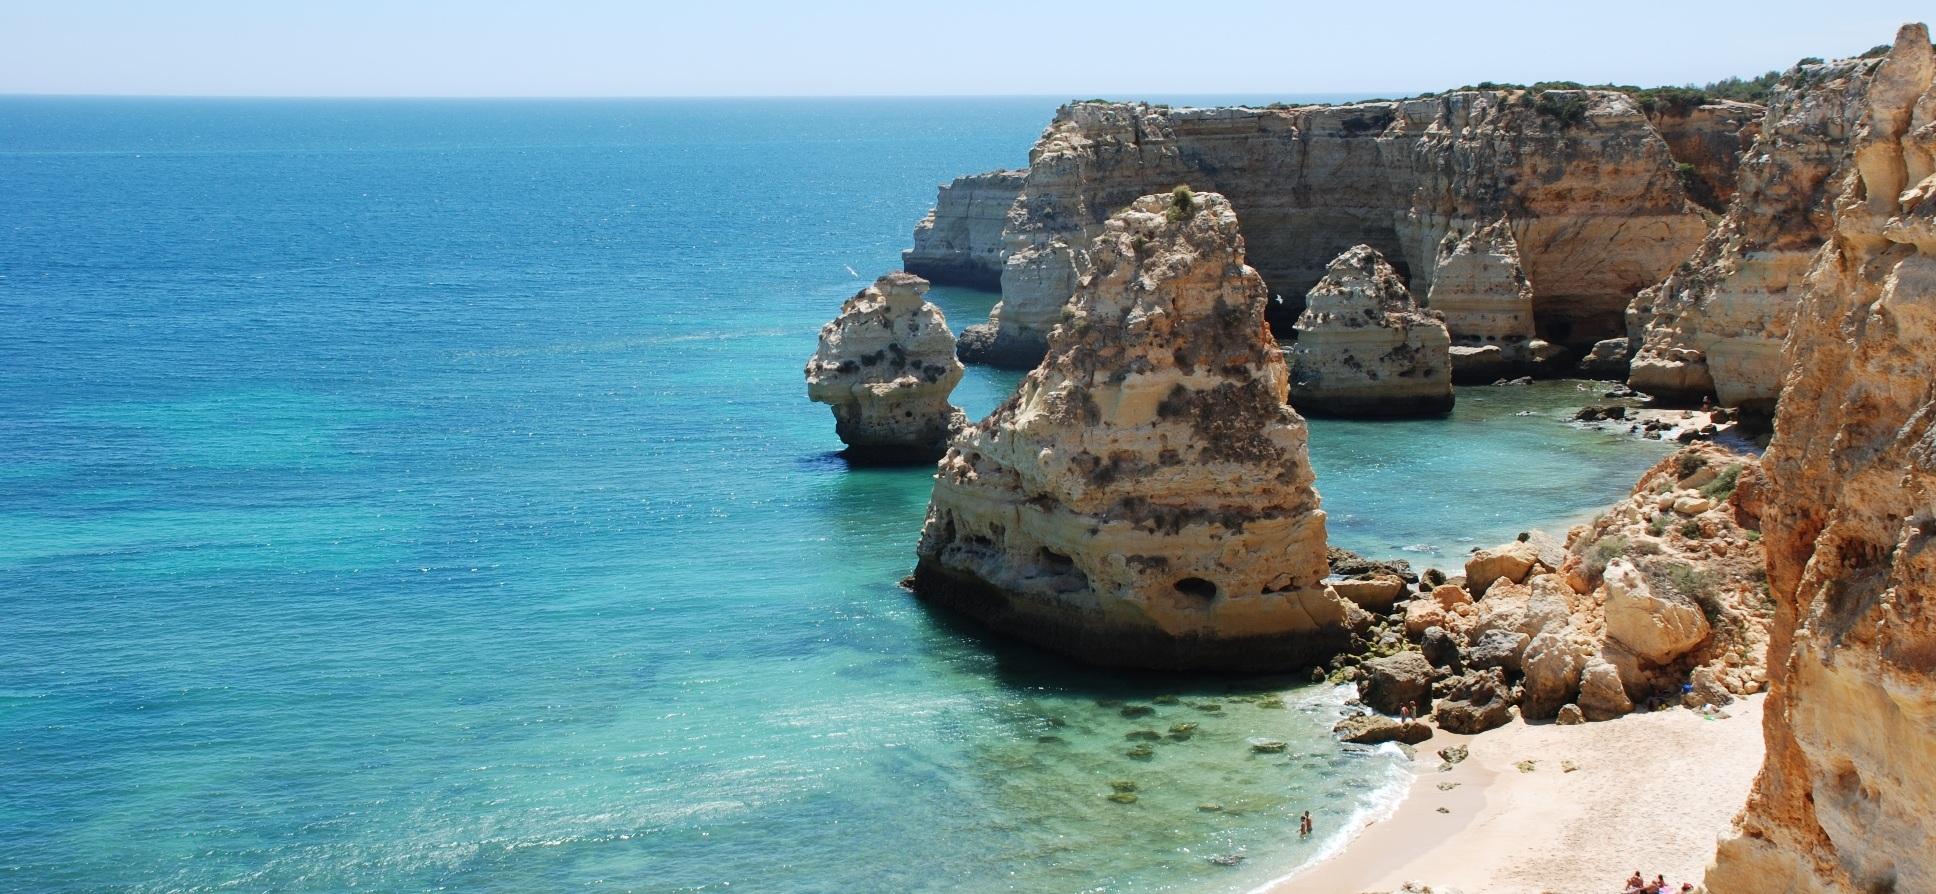 Praia_Marinha_Lagoa1_h.jpg